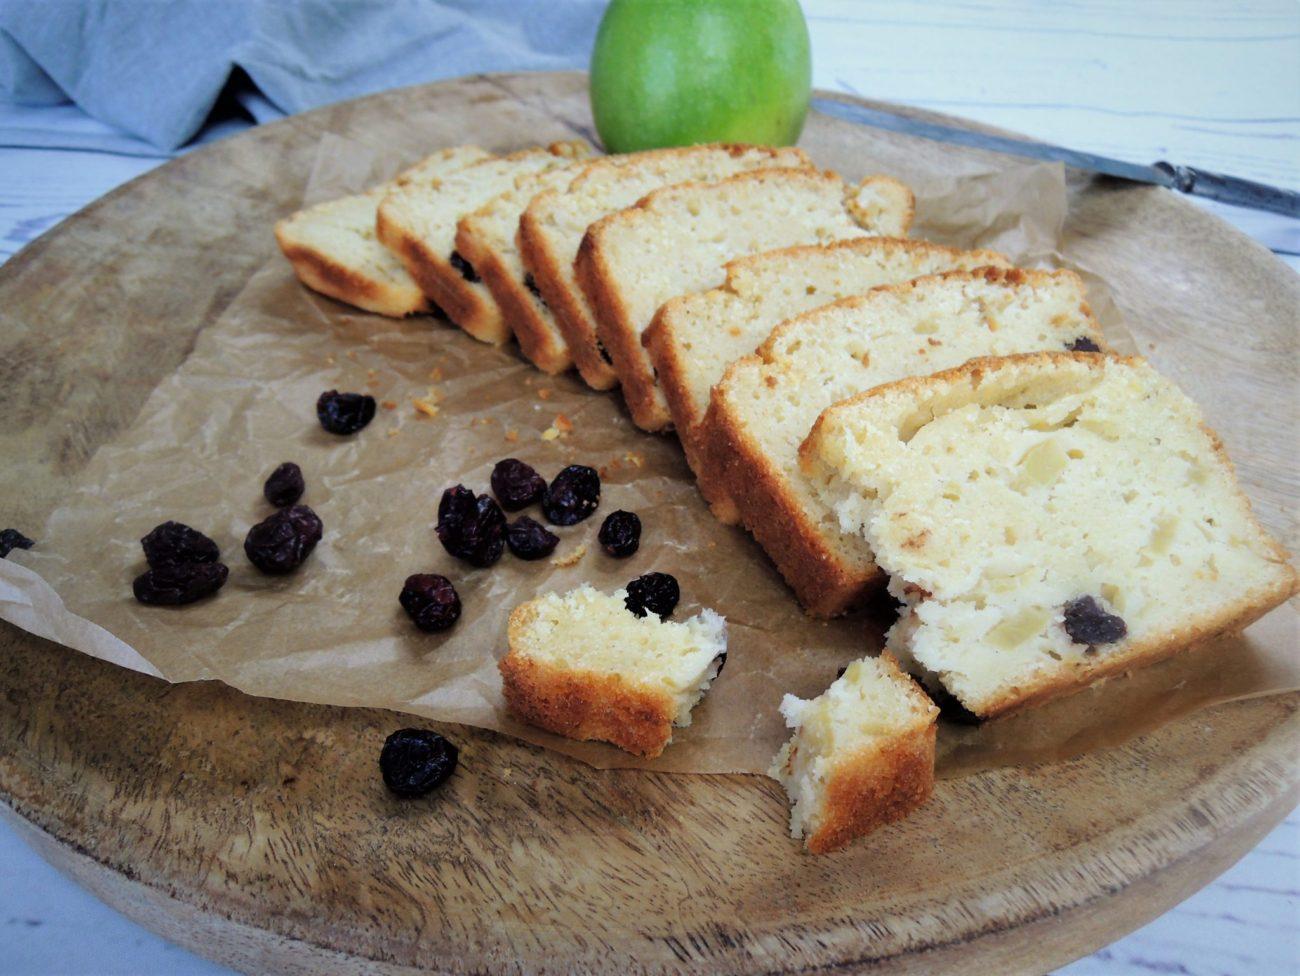 Podmáslový chlebíček s jablkem